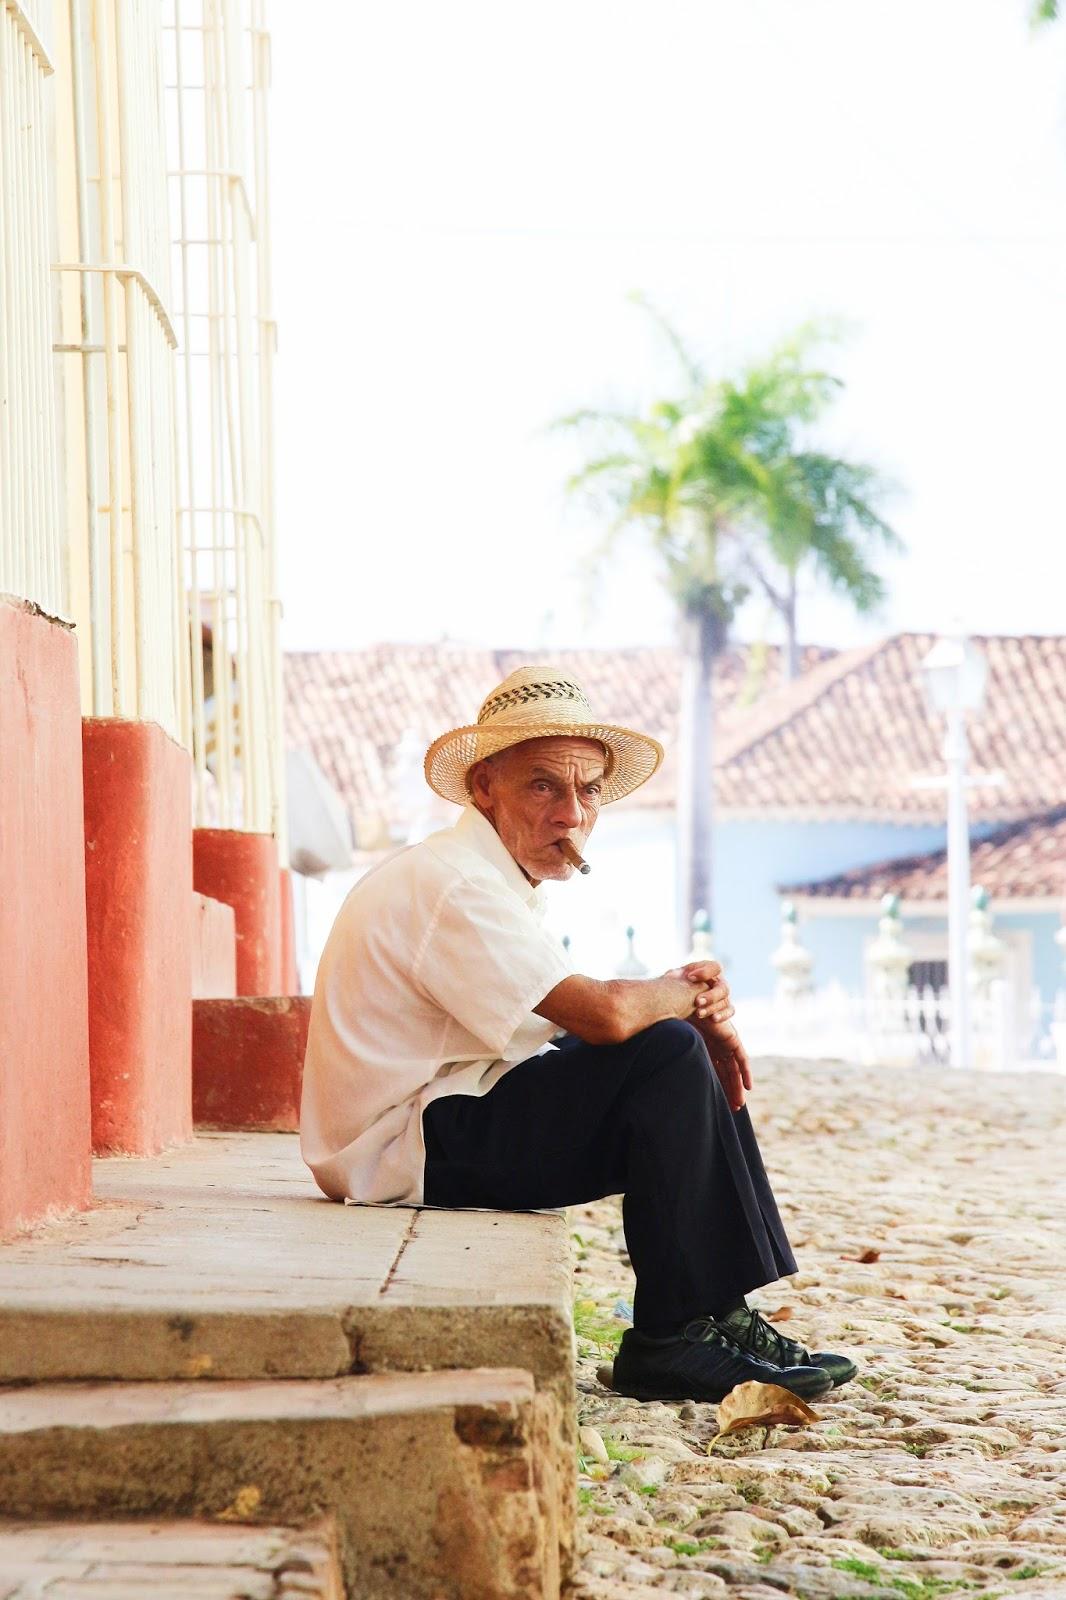 Un Cubain et son cigare, Trinidad - Cuba